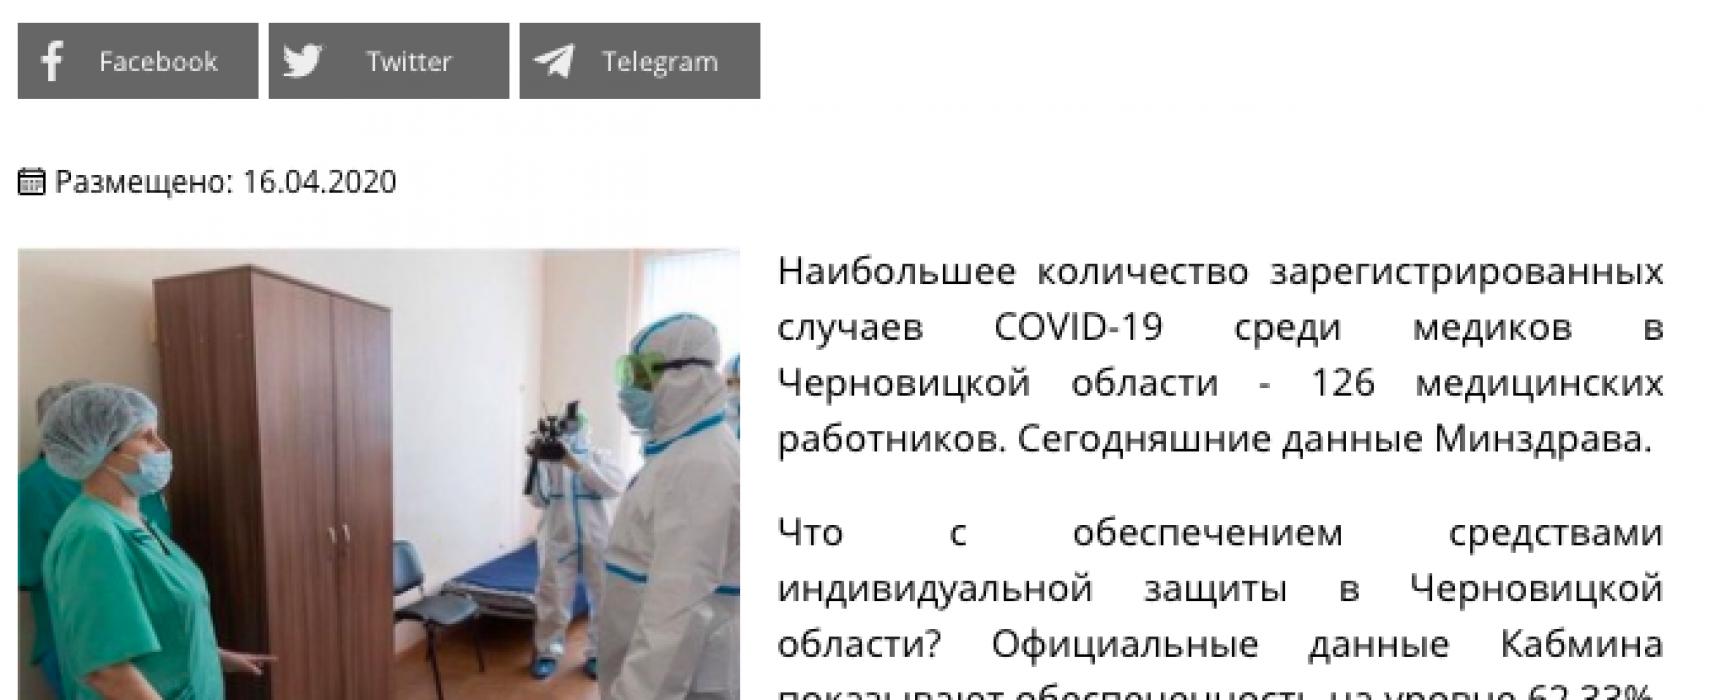 Фотофейк: в Украине врачей и чиновников защищают от коронавируса по-разному